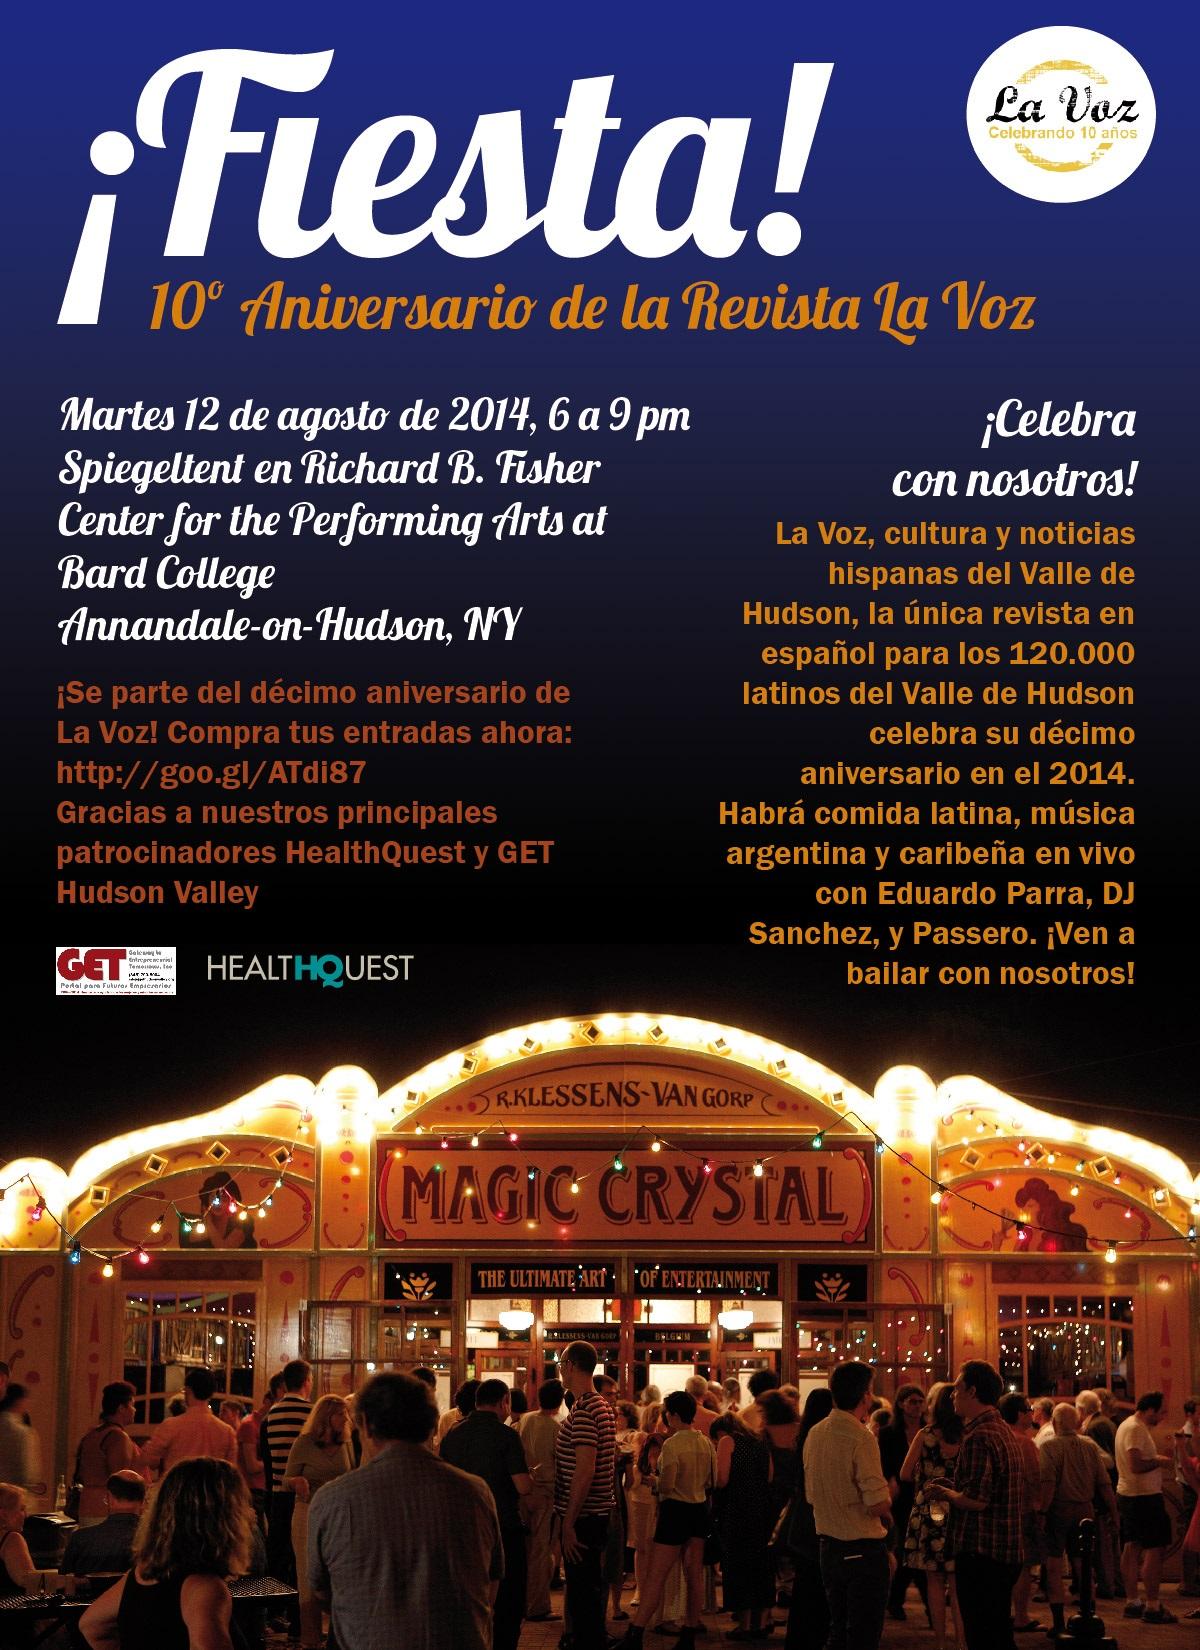 ¡Están todos invitados a la celebración de los 10 años de La Voz!